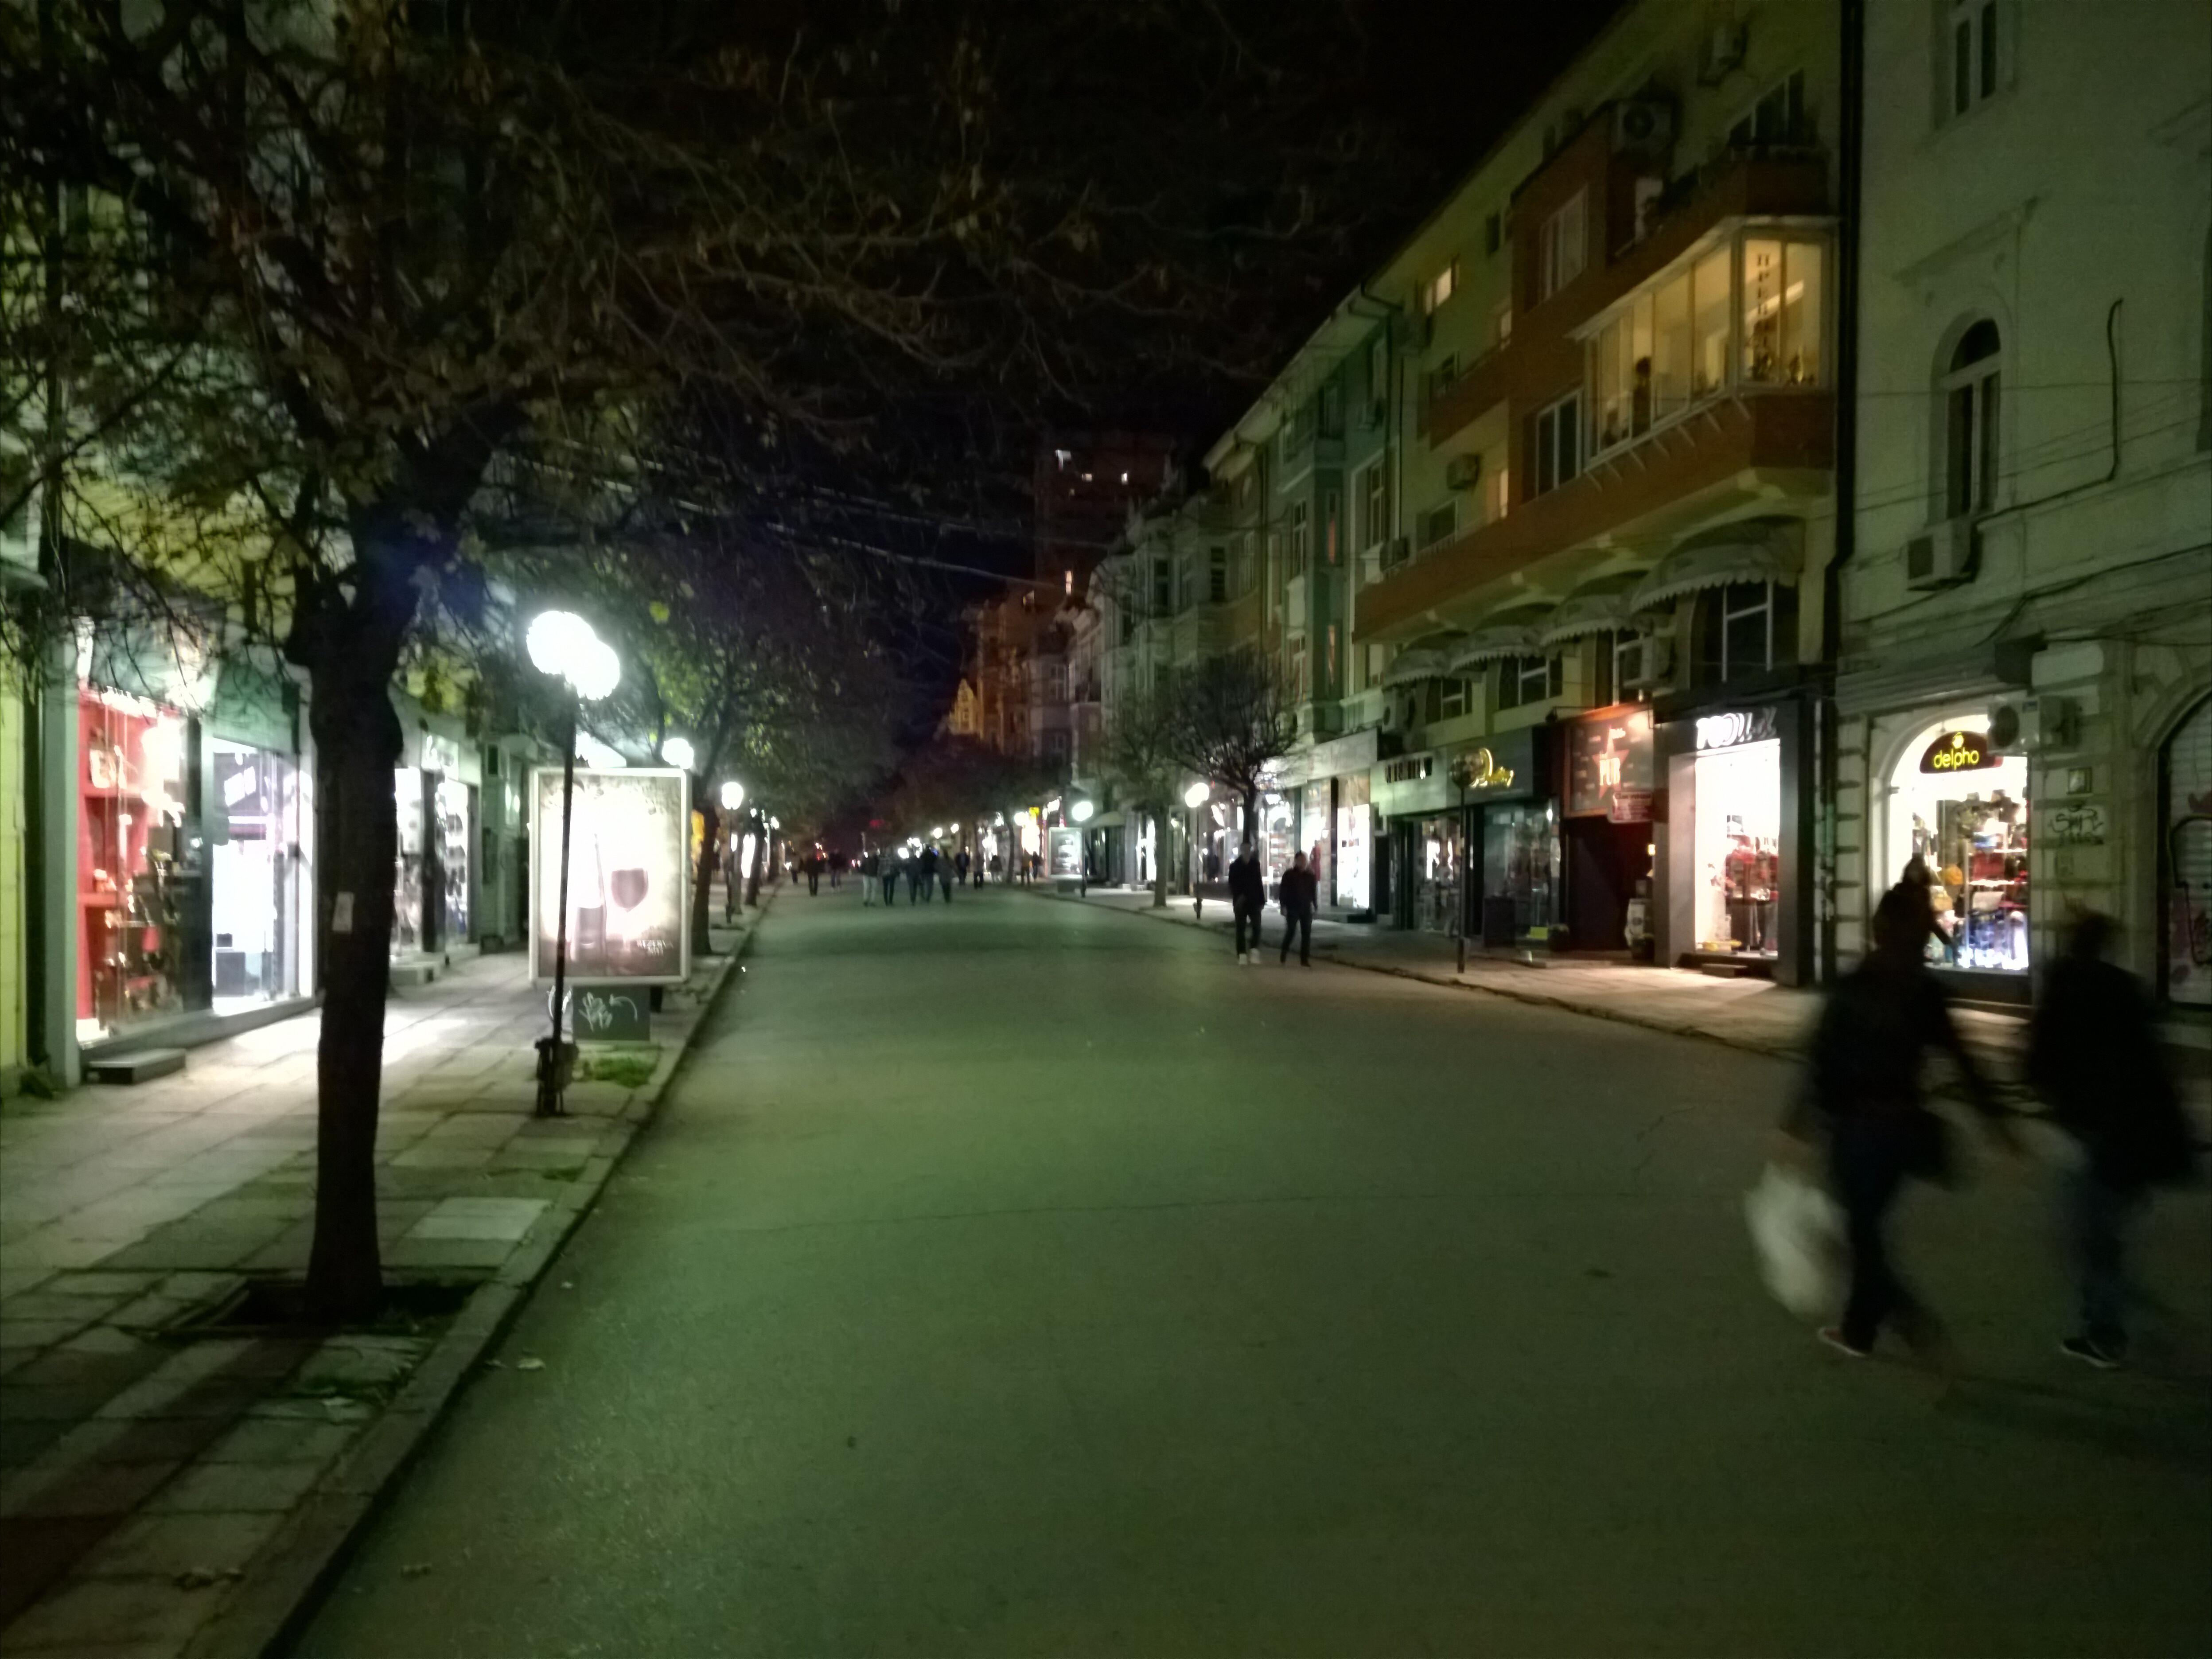 ảnh chụp ban đêm từ lumia 1520